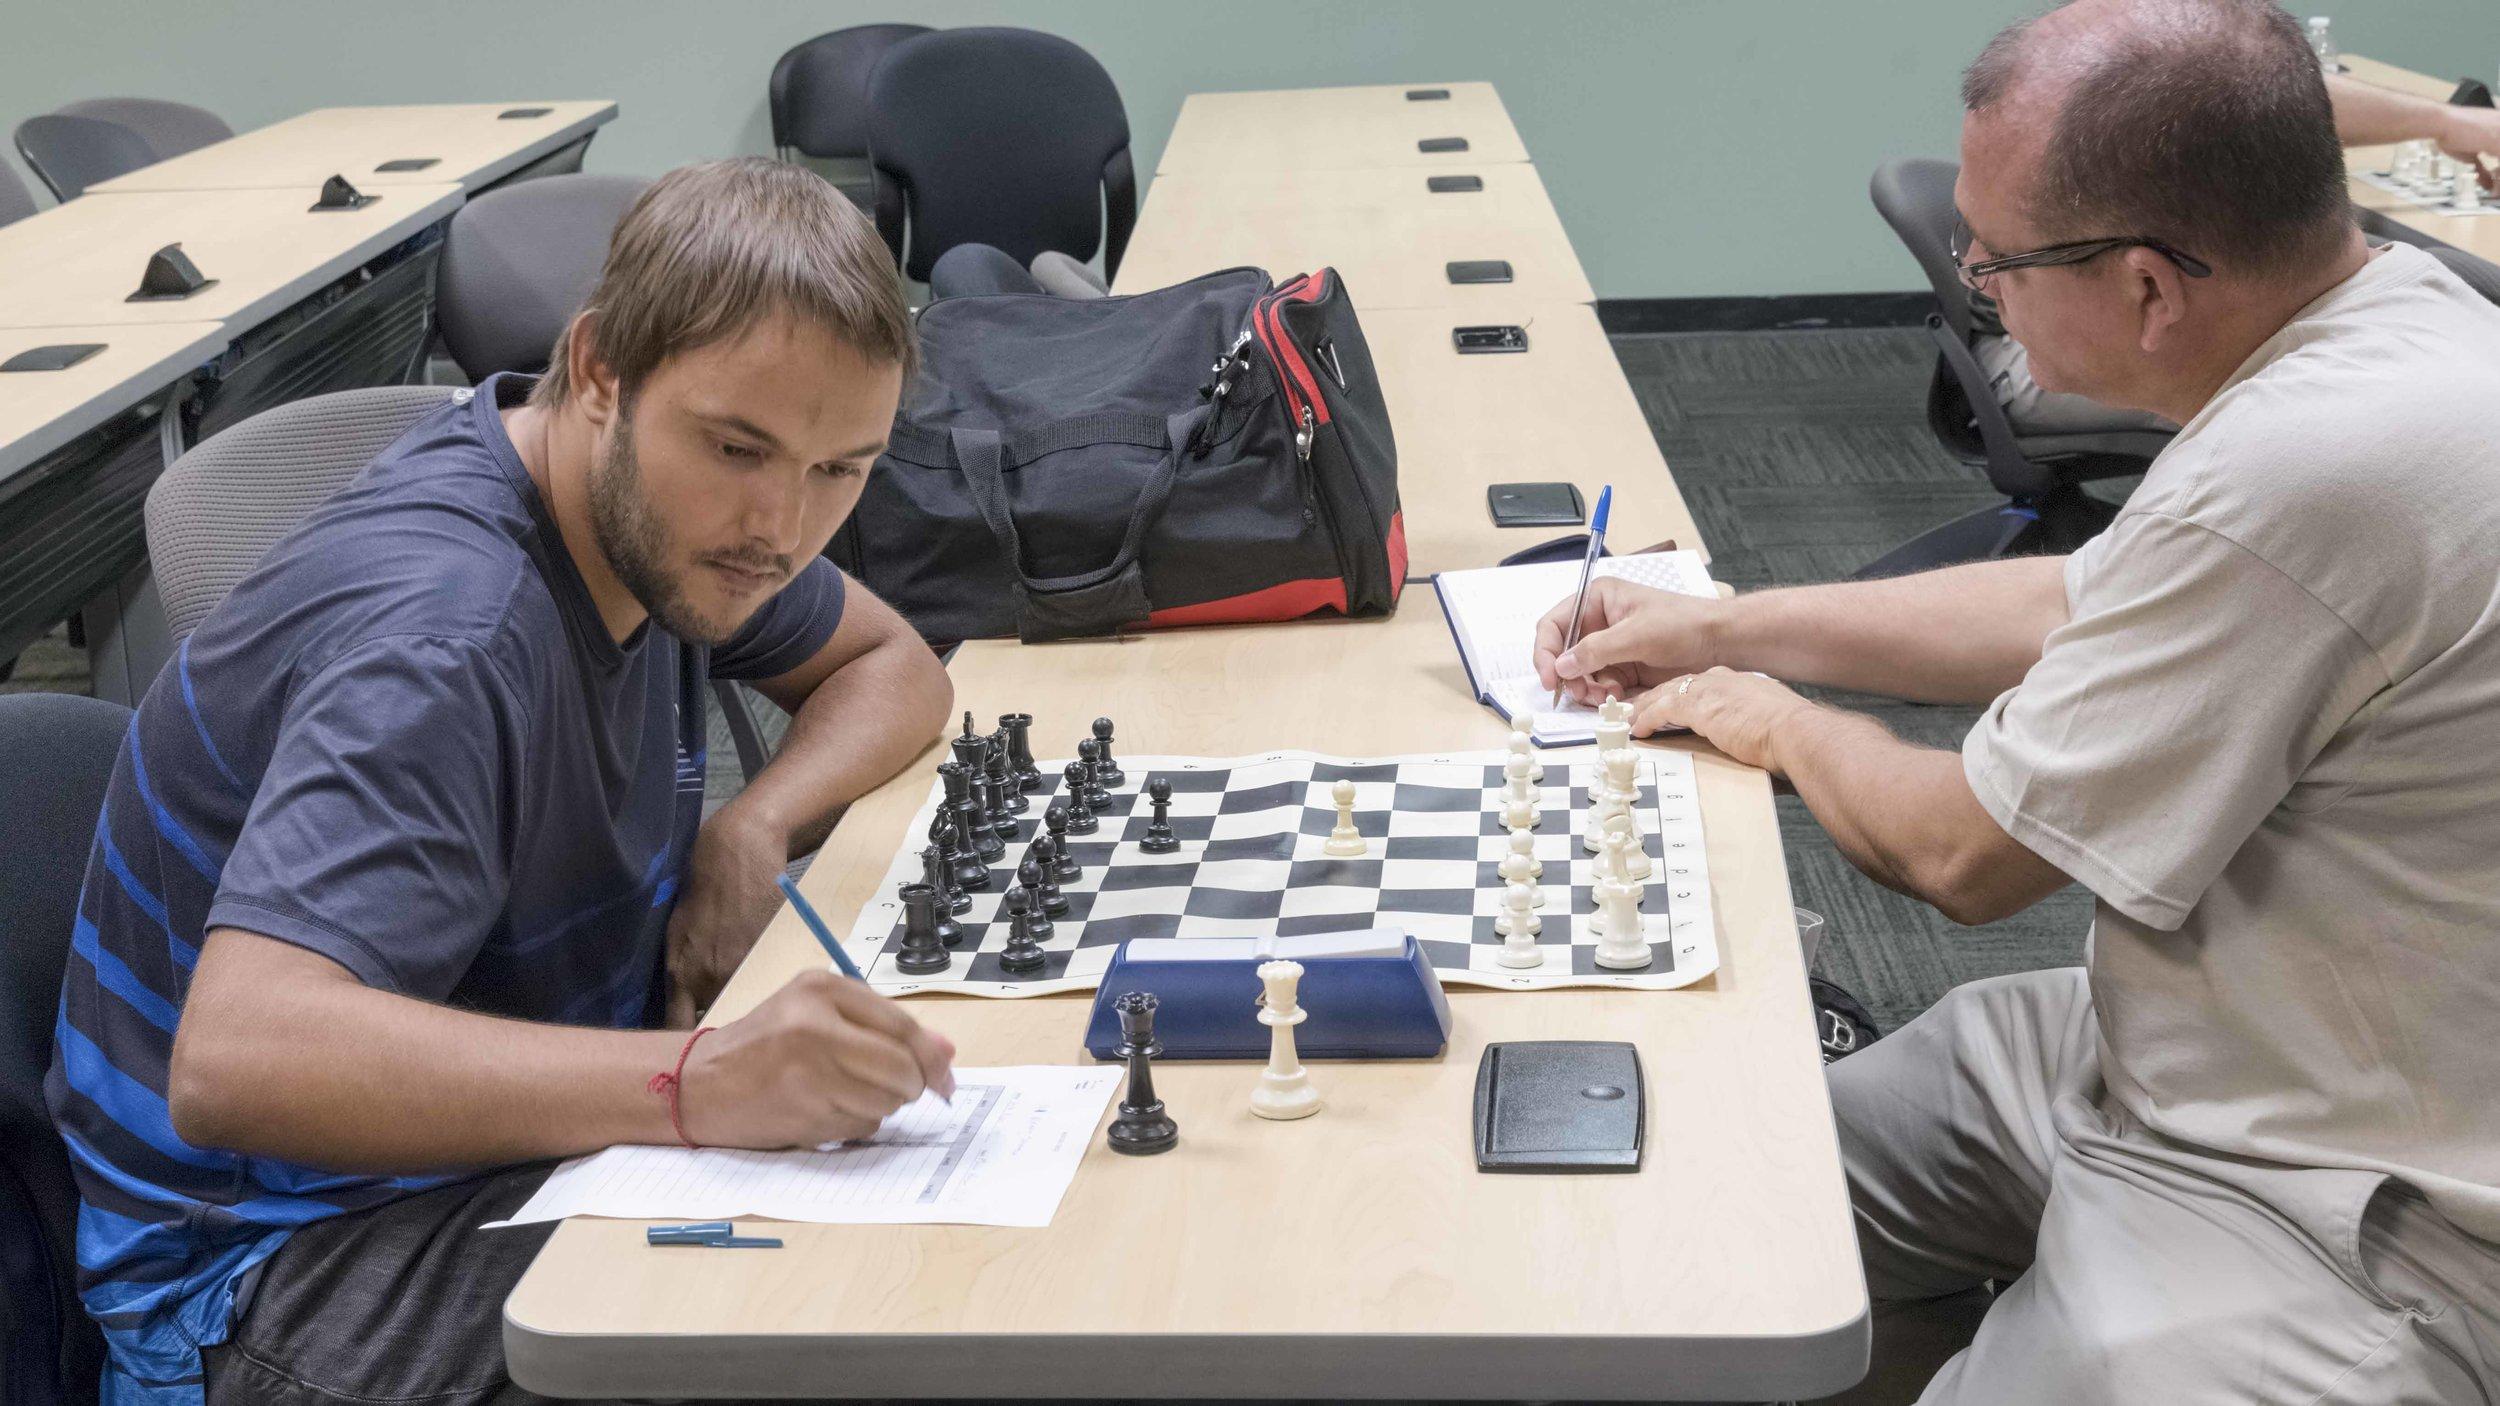 Round 1, inaugural Orlando Chess Club 4-week G75;d5 tournament with Martin Hansen (L) (2212) vs Carlos Rivas (R) (1721)